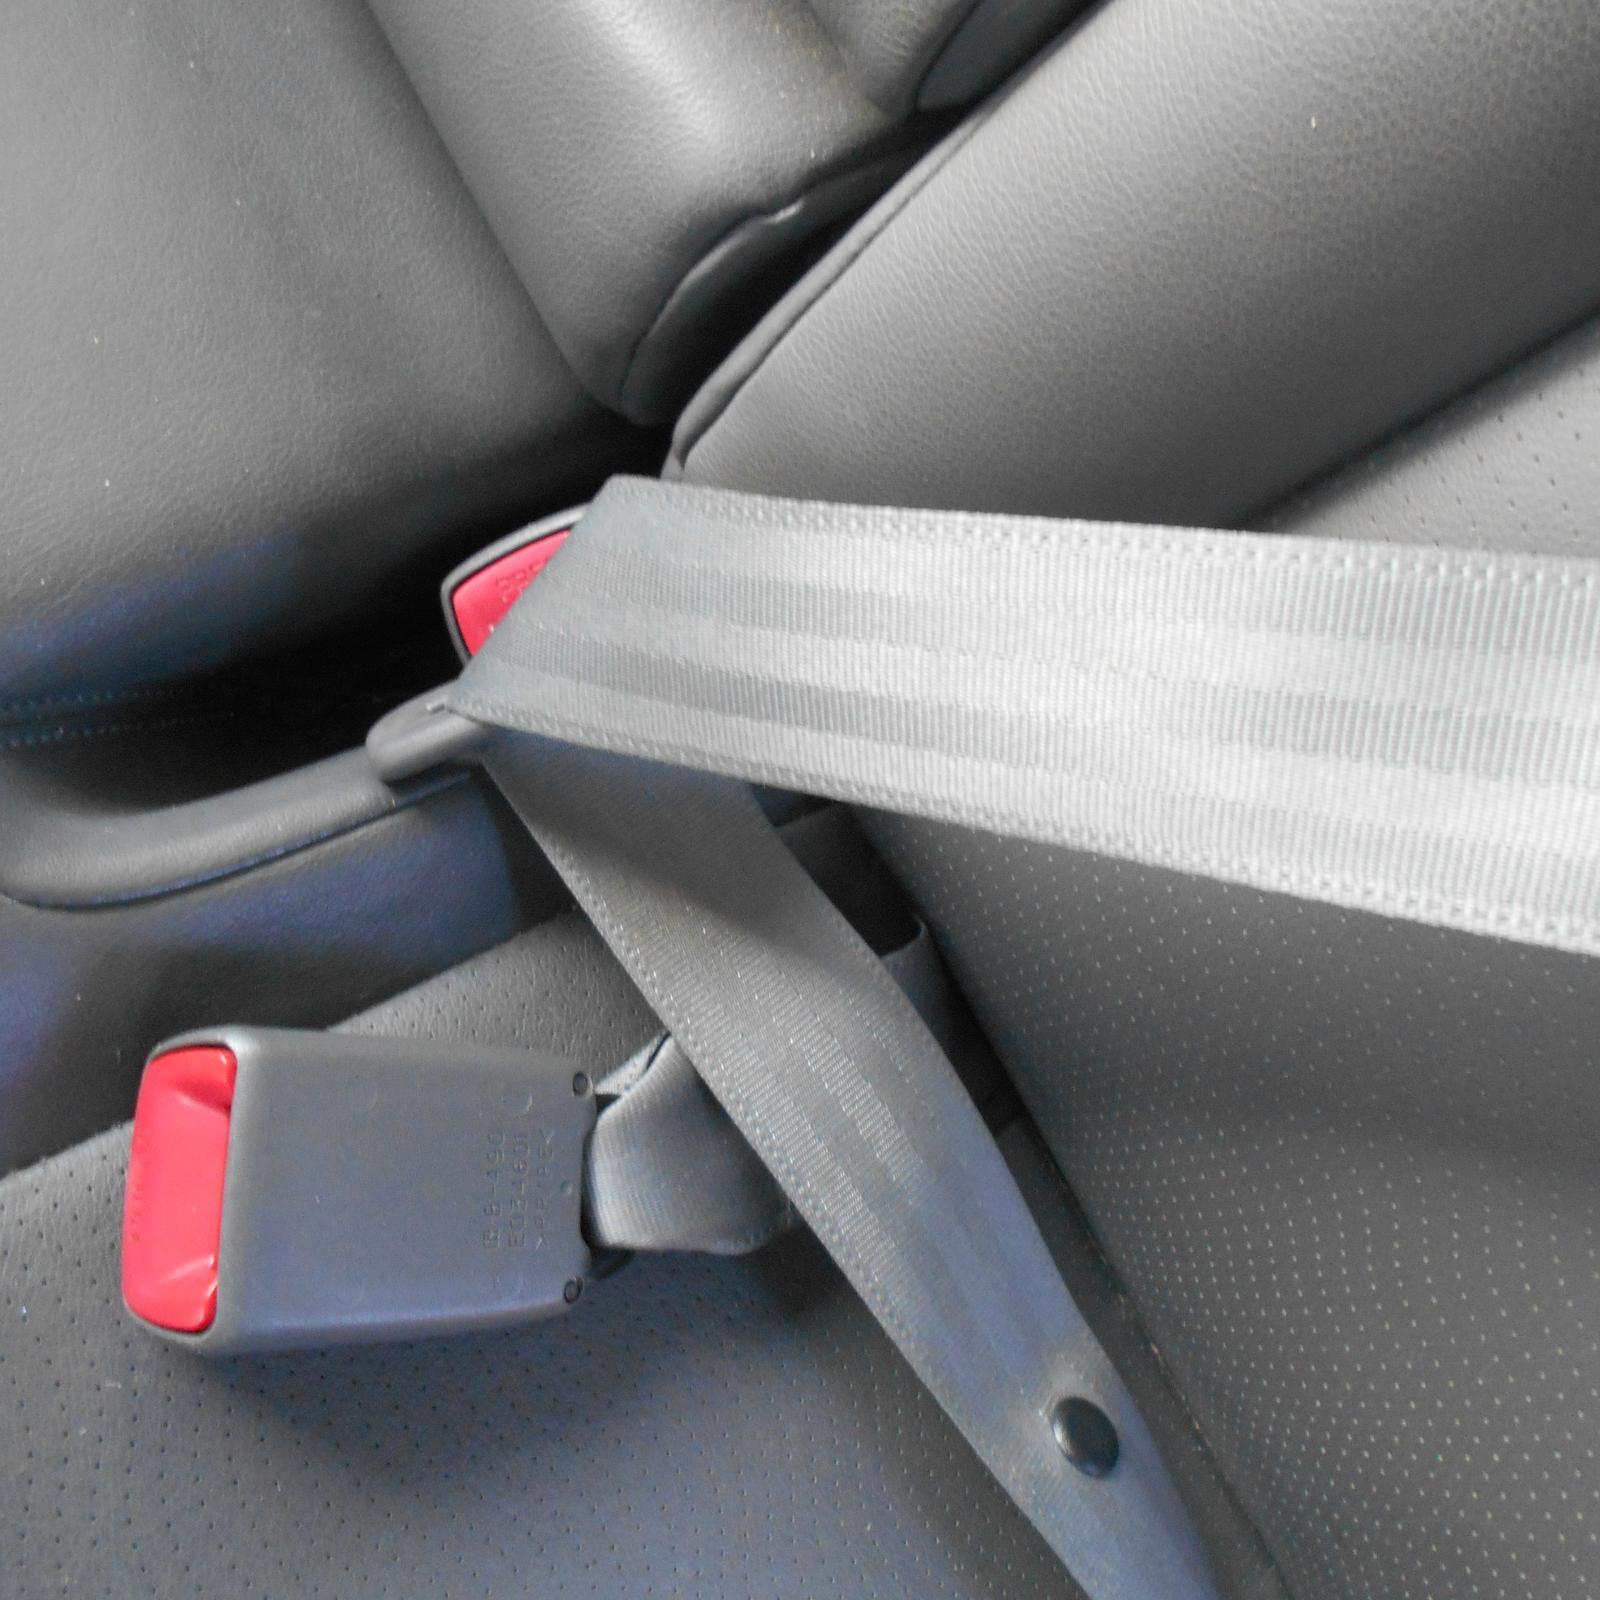 TOYOTA PRIUS, Seatbelt/Stalk, LH REAR, SEAT BELT ONLY, ZVW30R, 07/09-12/15